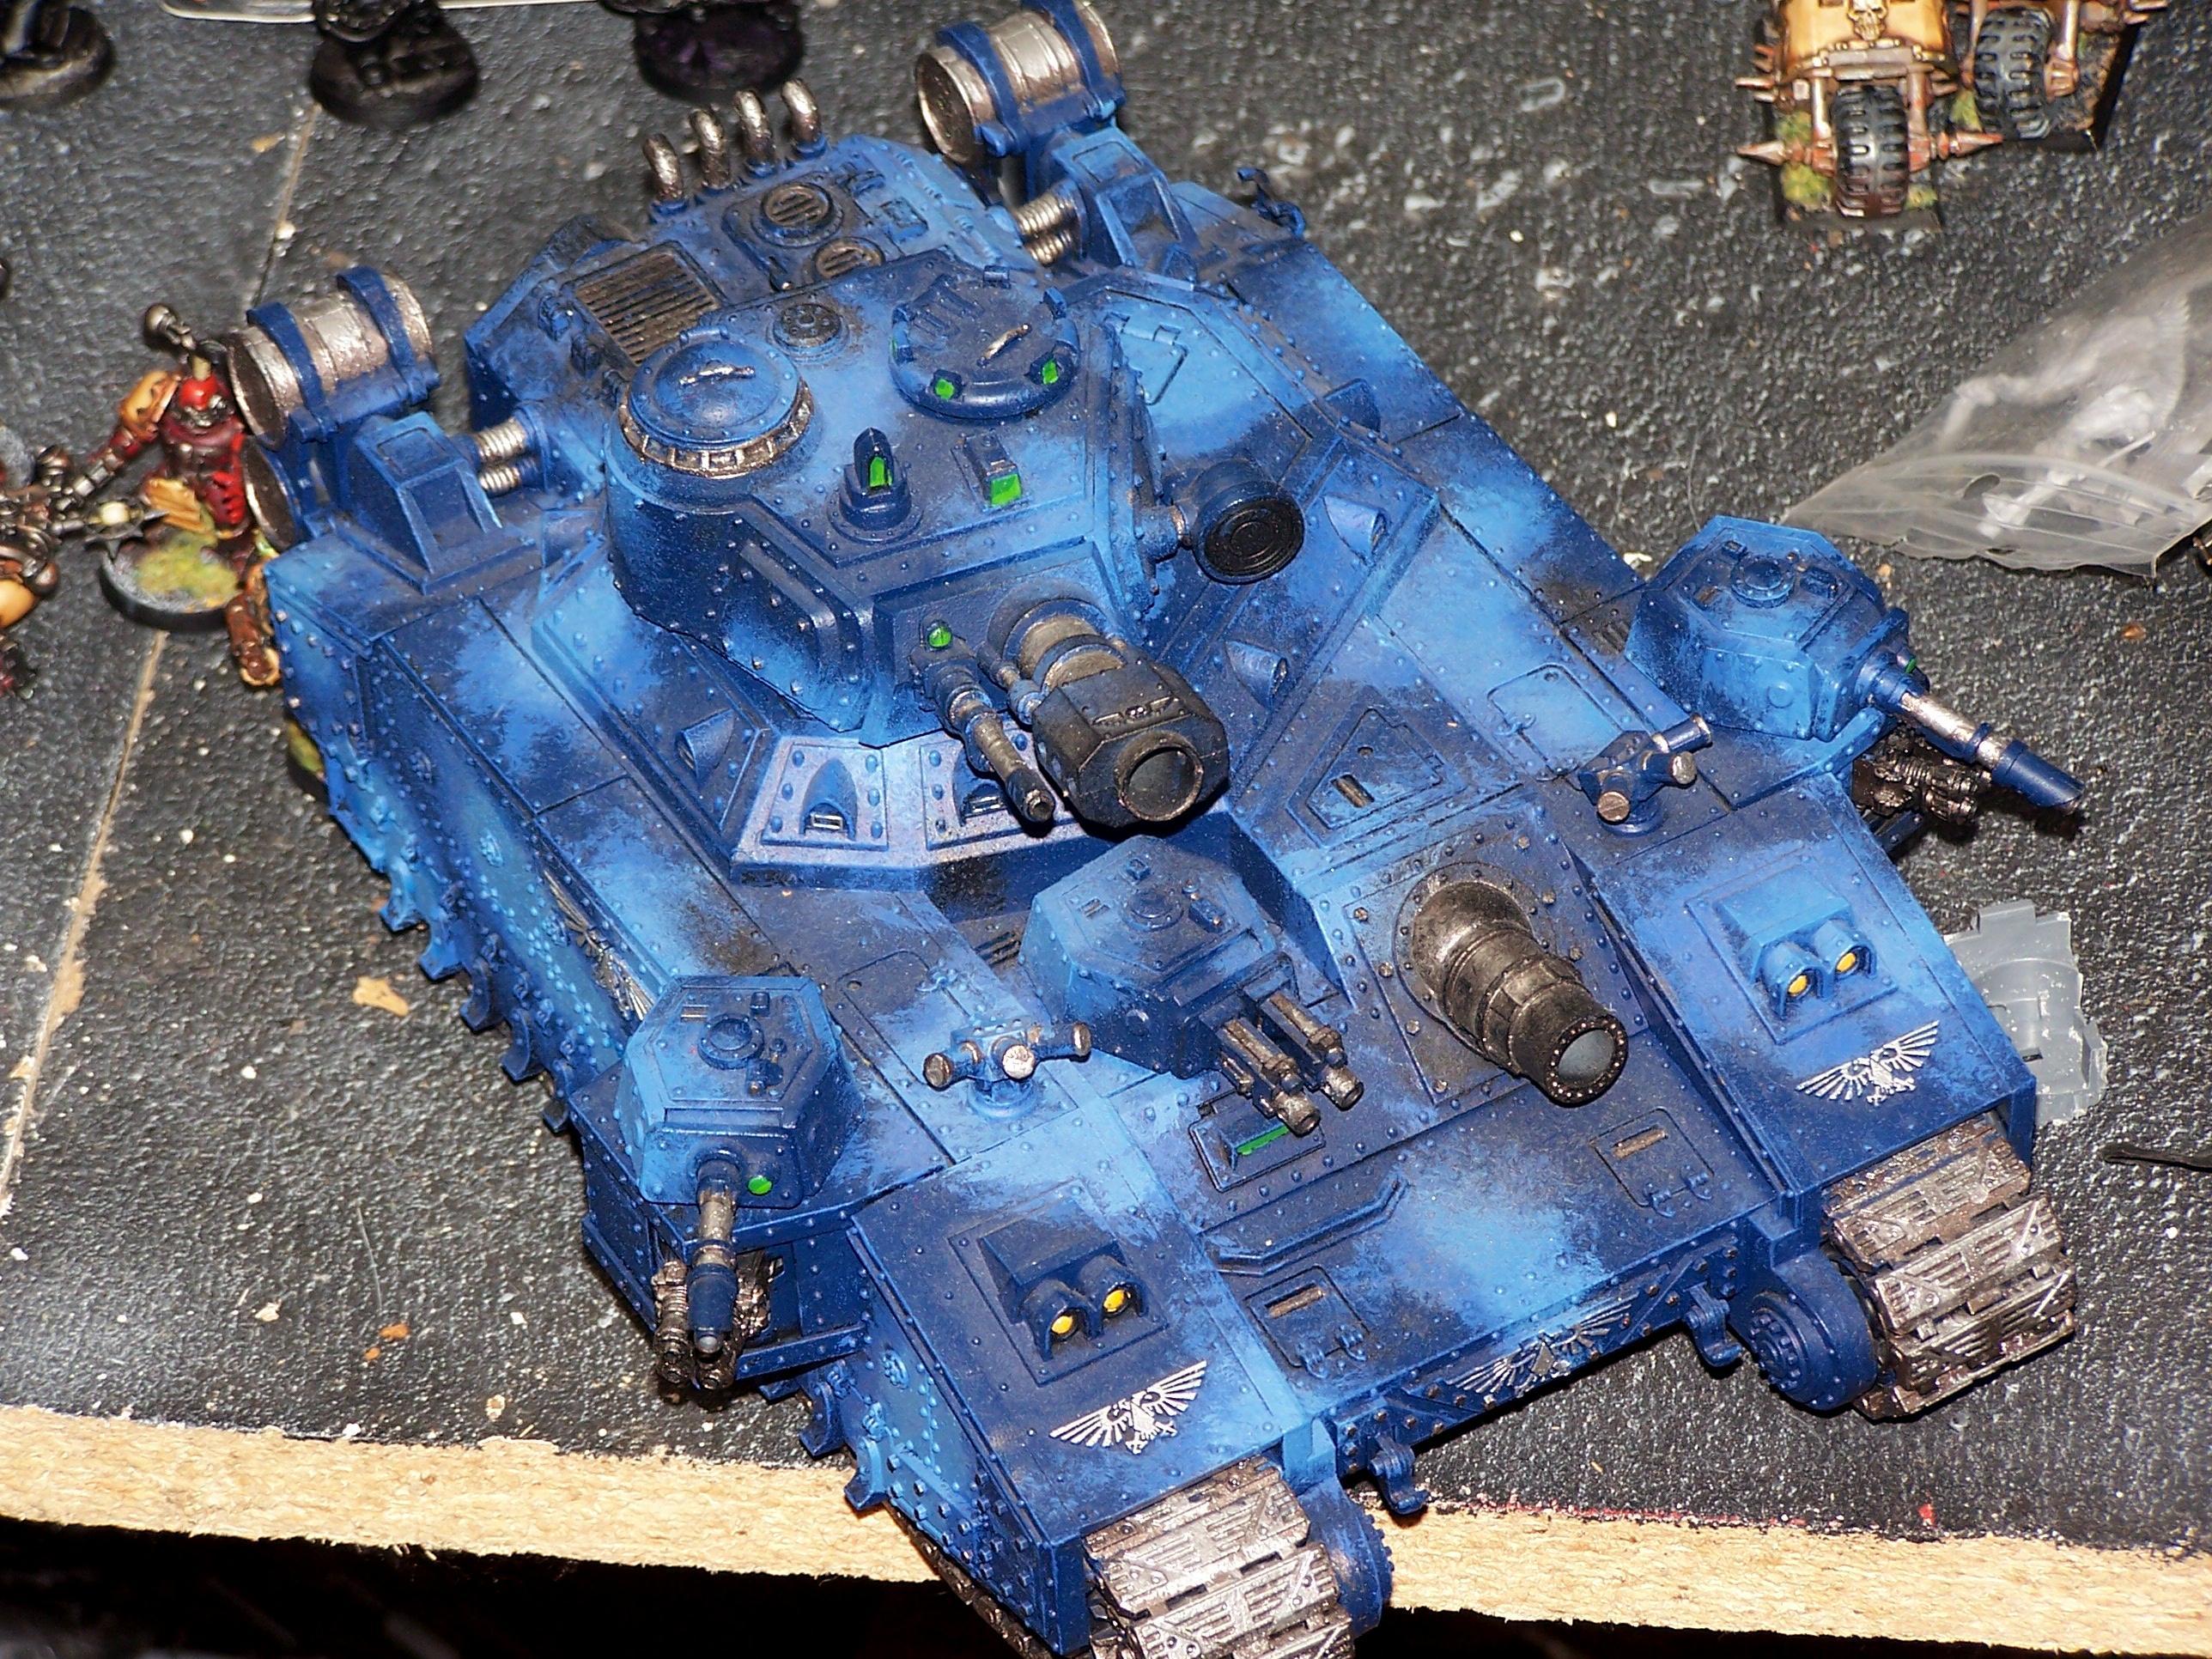 Baneblade, Imperial Guard, Superheavy Tank